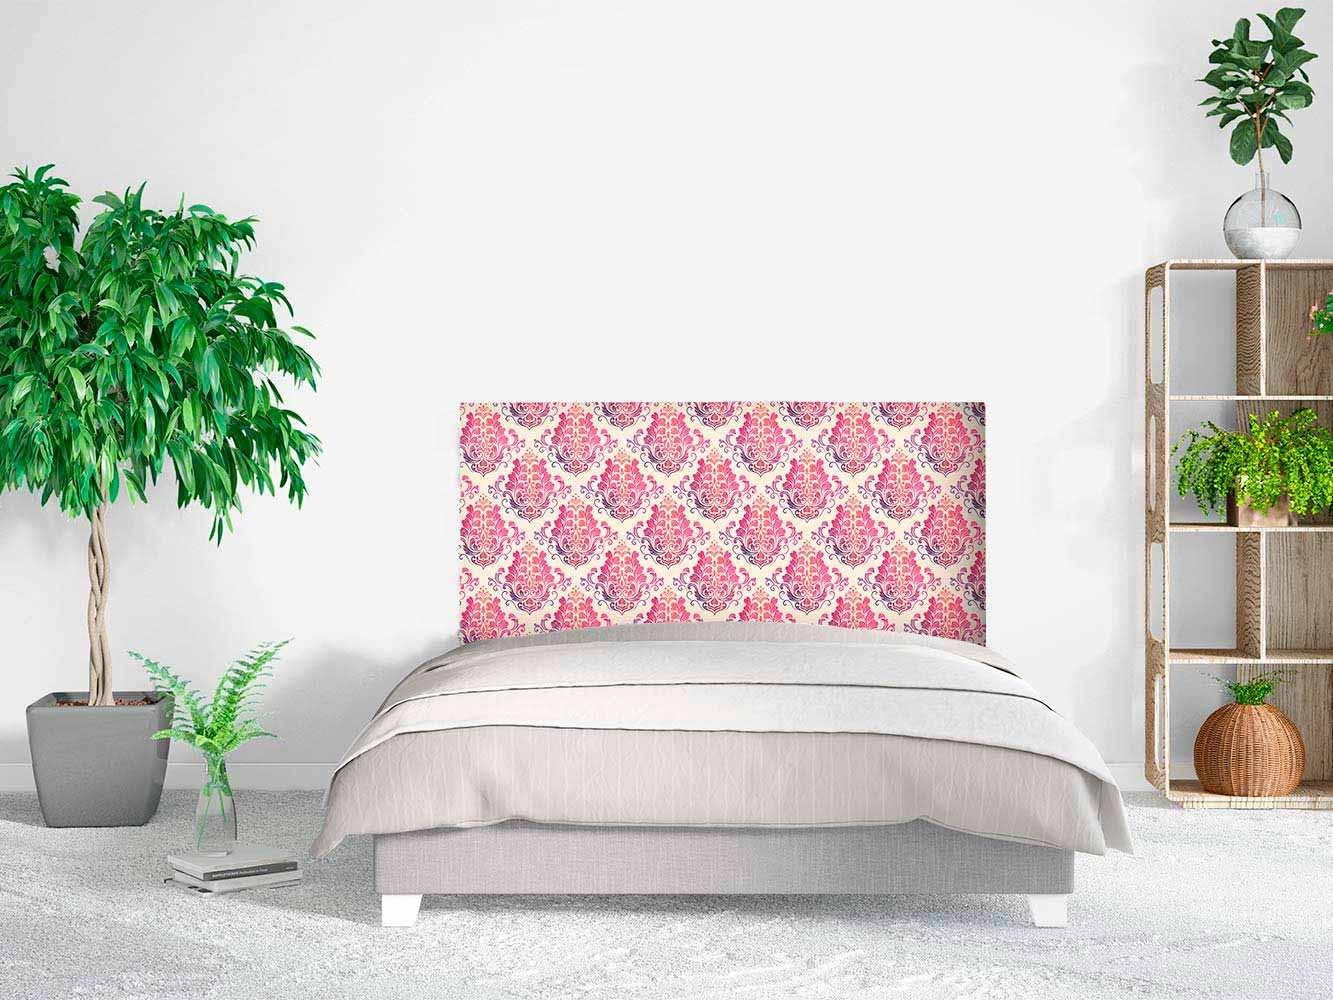 Cabecero Cama Abstracto Ornamental | Carteles XXL - Impresión carteleria publicitaria